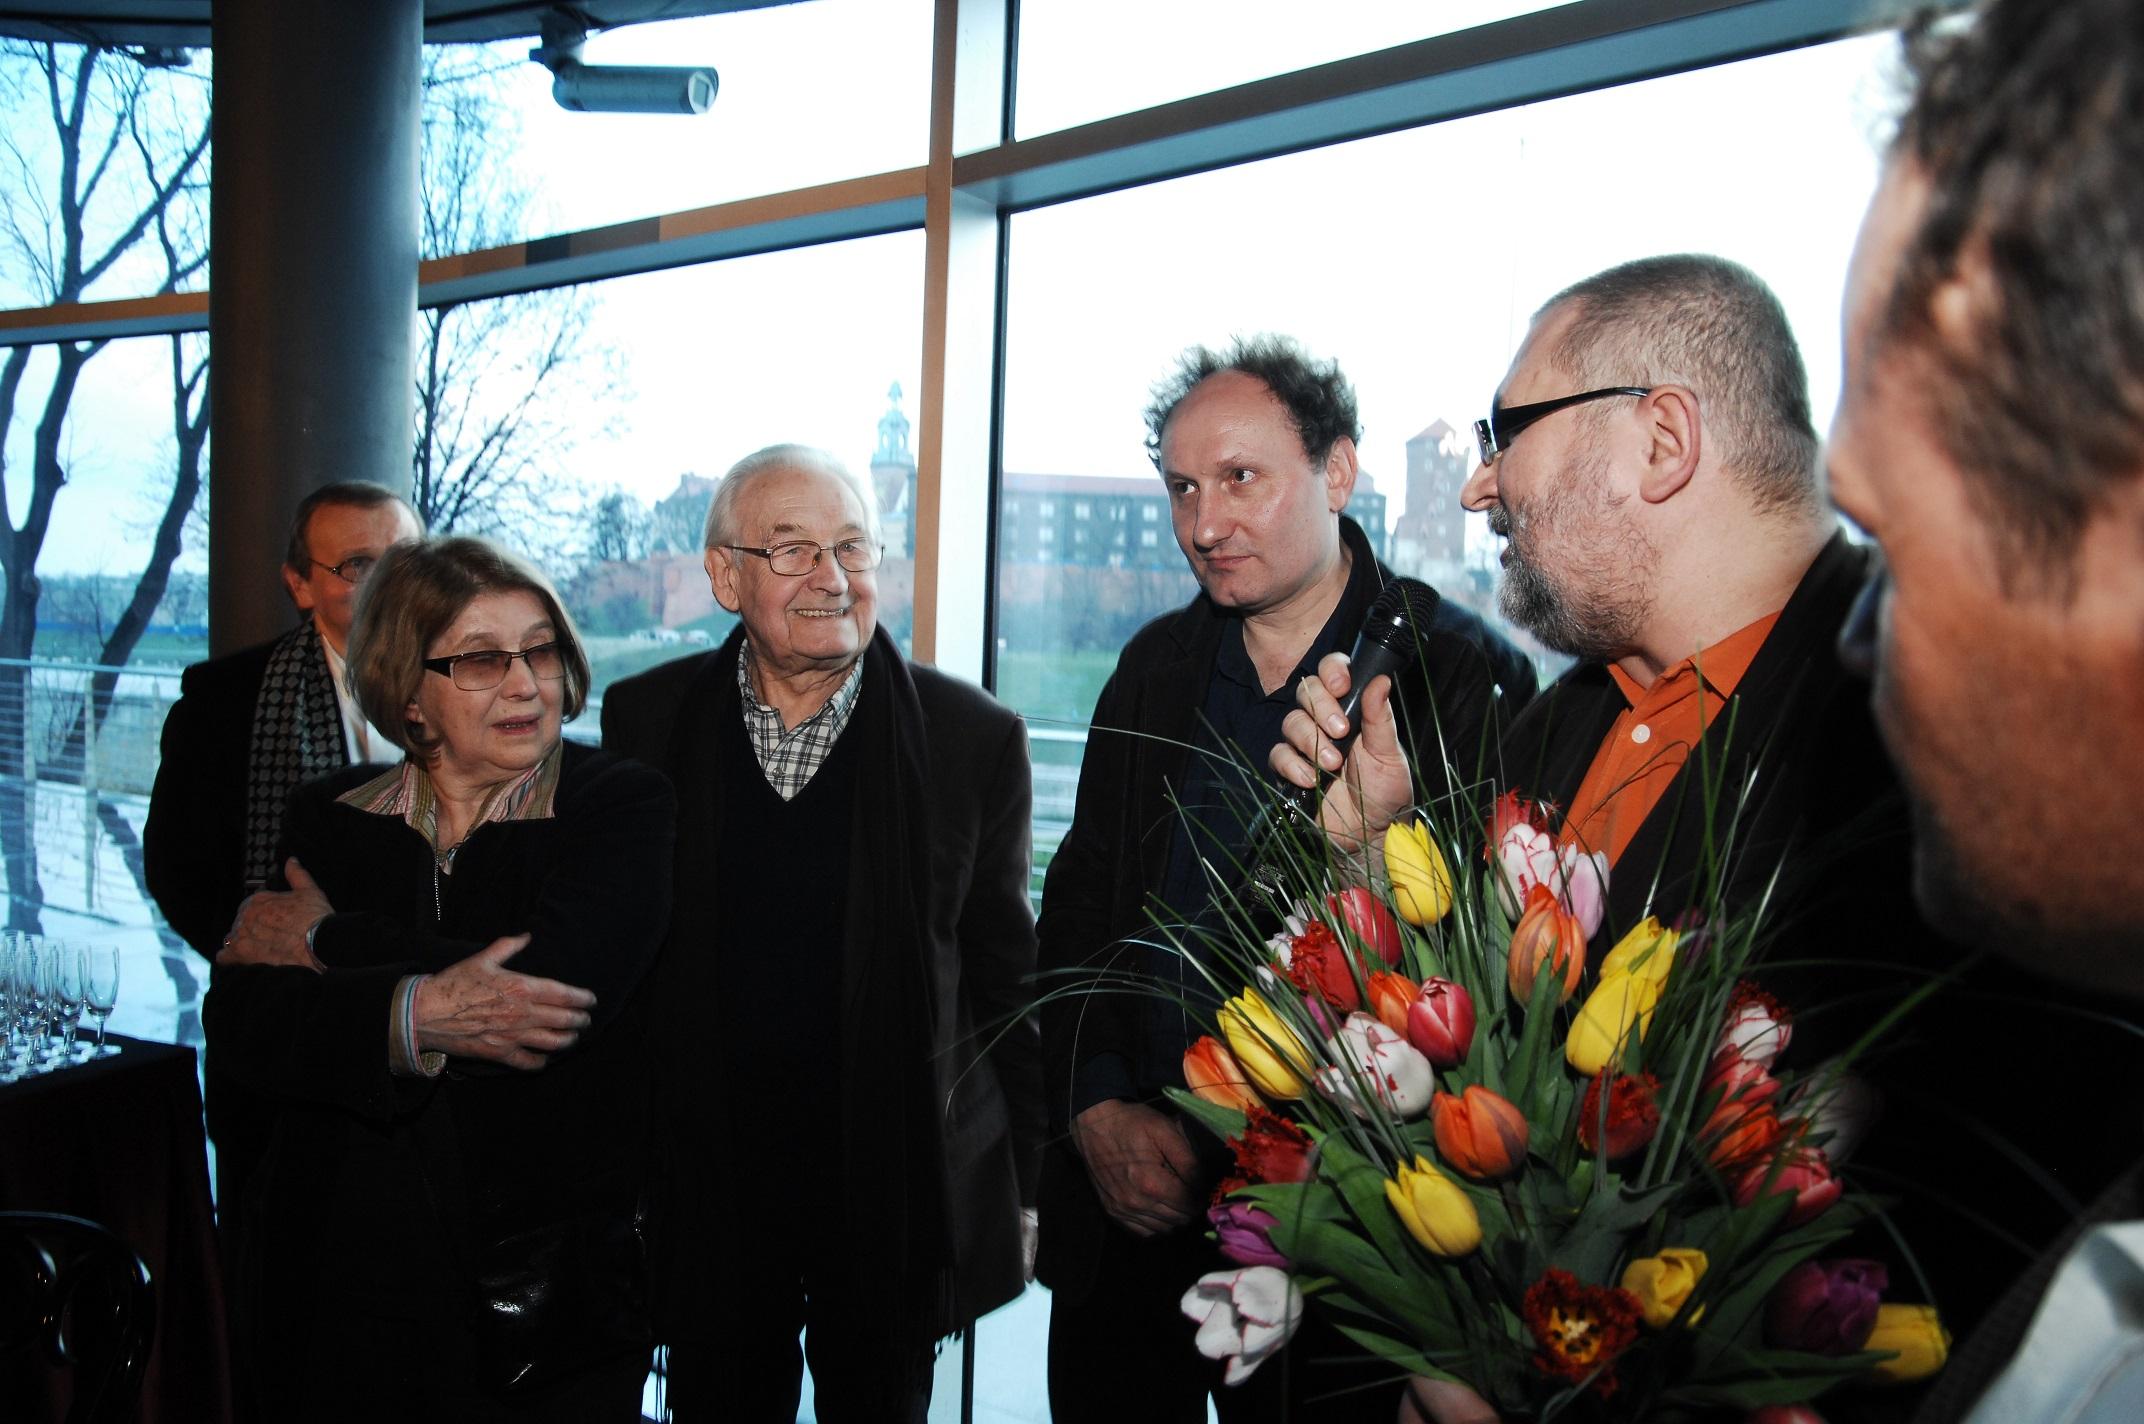 """Krystyna Zachwatowicz, Andrzej Wajda, Artur Więcek, Witold Bereś i Krzysztof Burnetko. fot. Piotr """"Uss"""" Wąsowicz"""